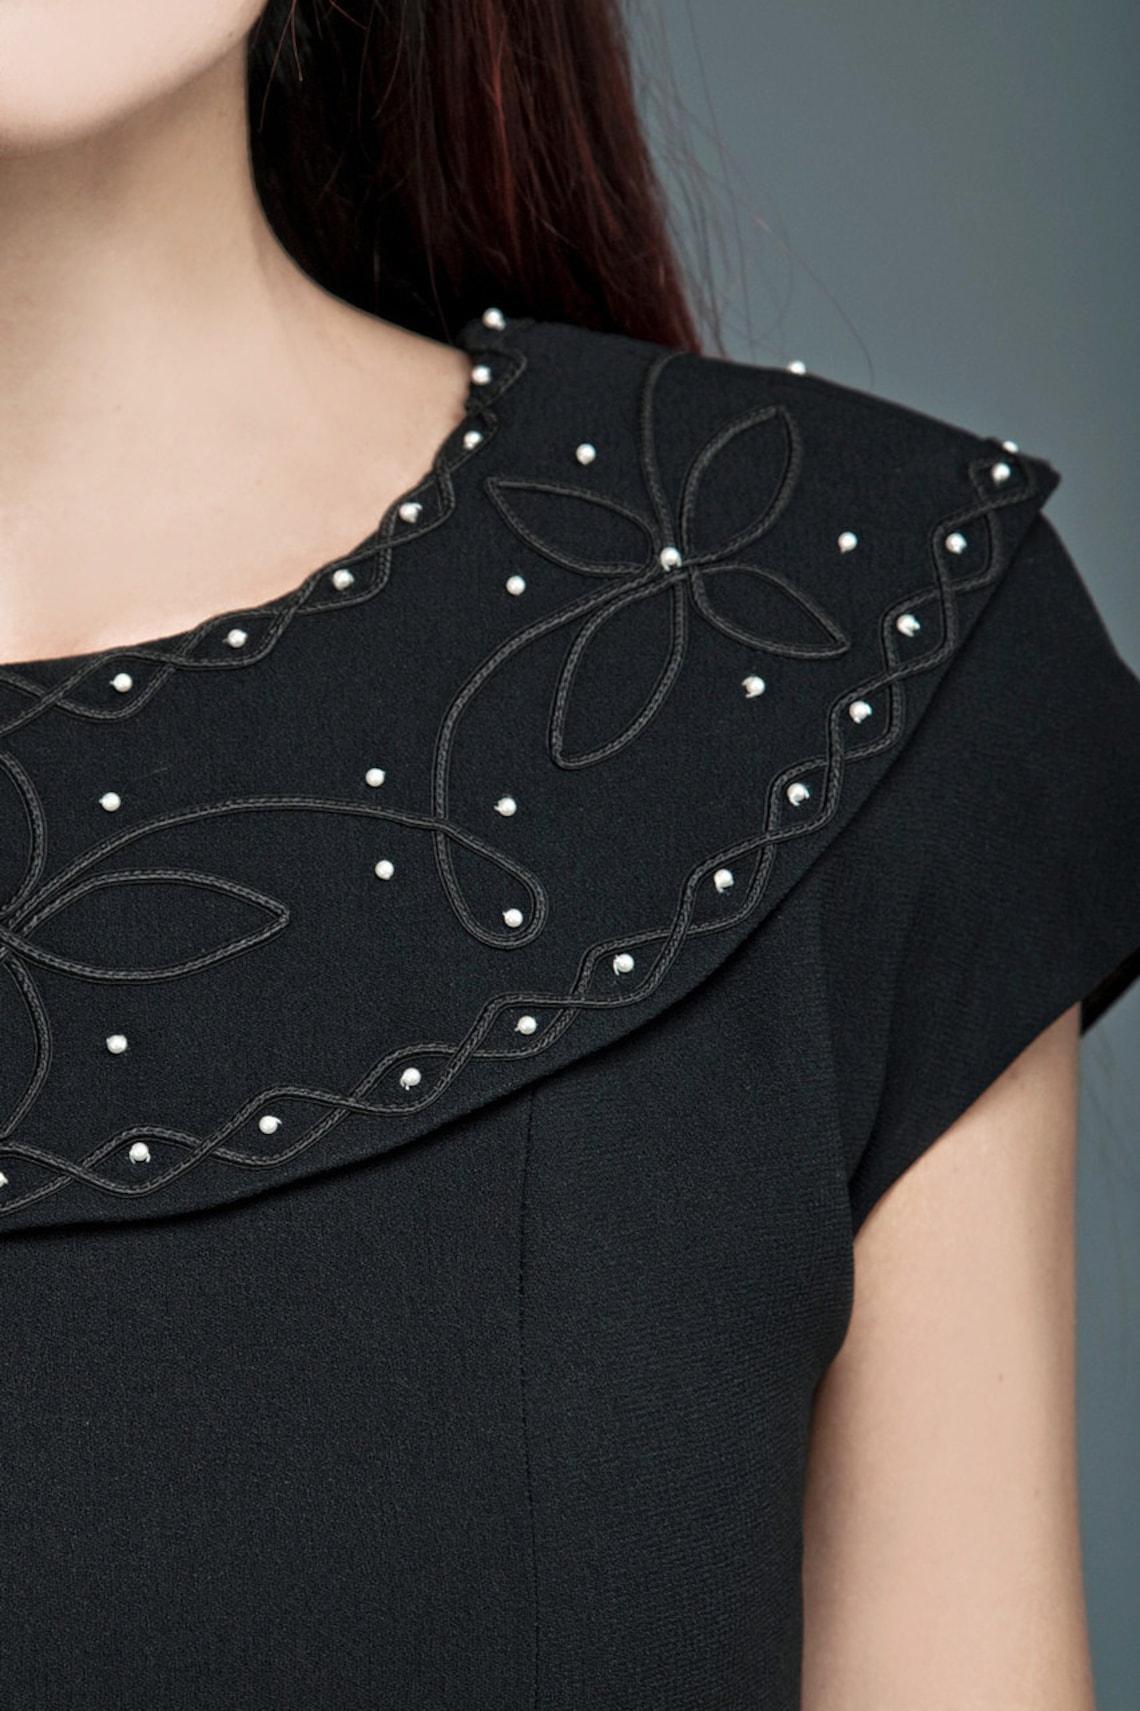 Vintage 90s LBD mini little black dress wide collar floral